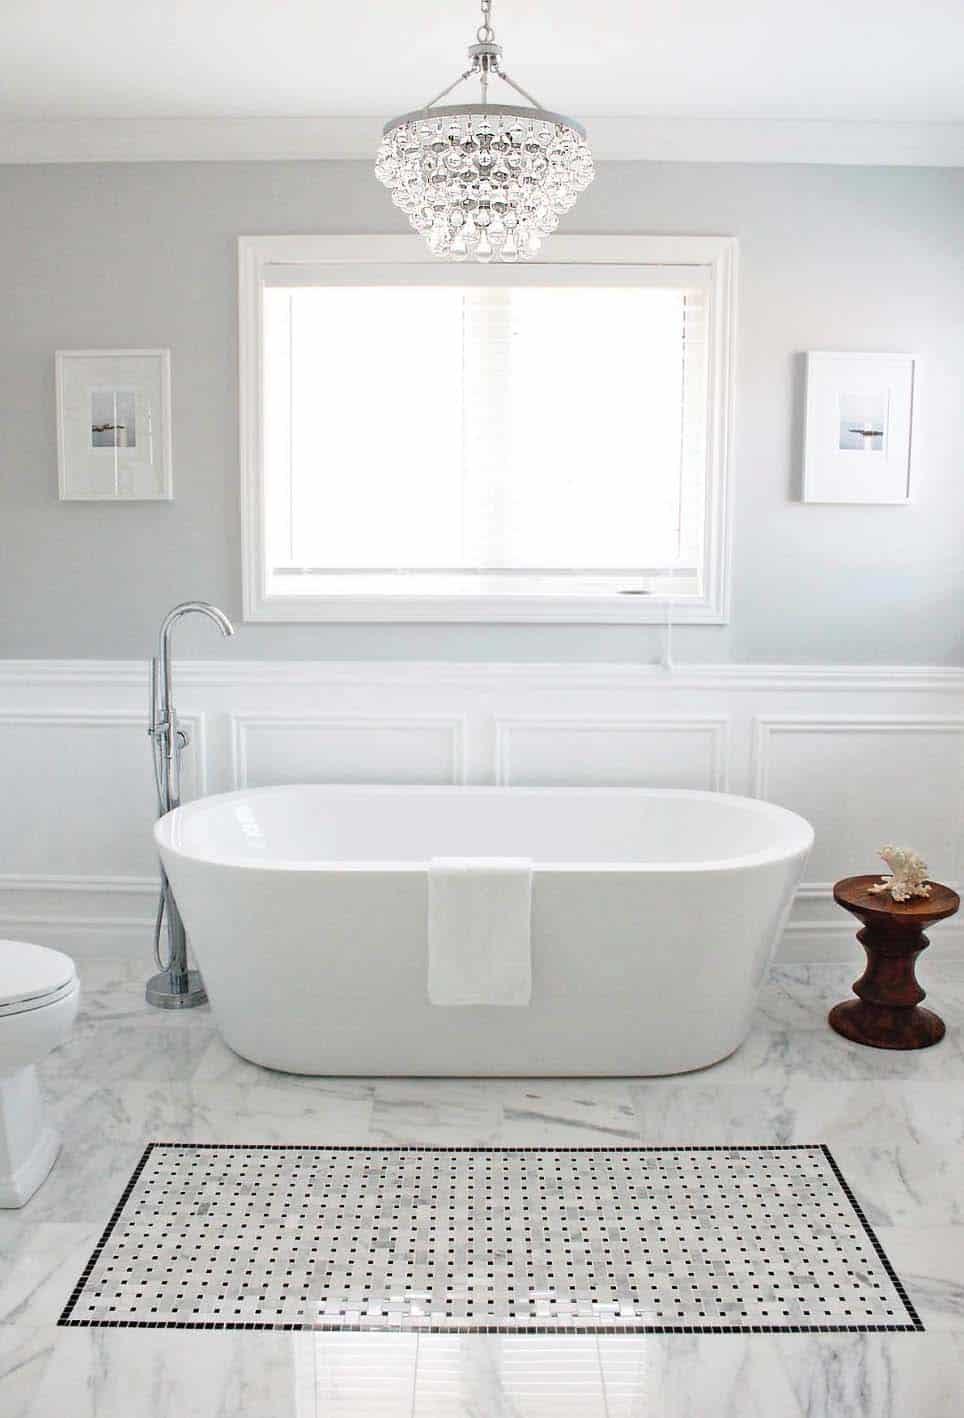 Freestanding-Tubs-Bathroom-Ideas-27-1 Kindesign